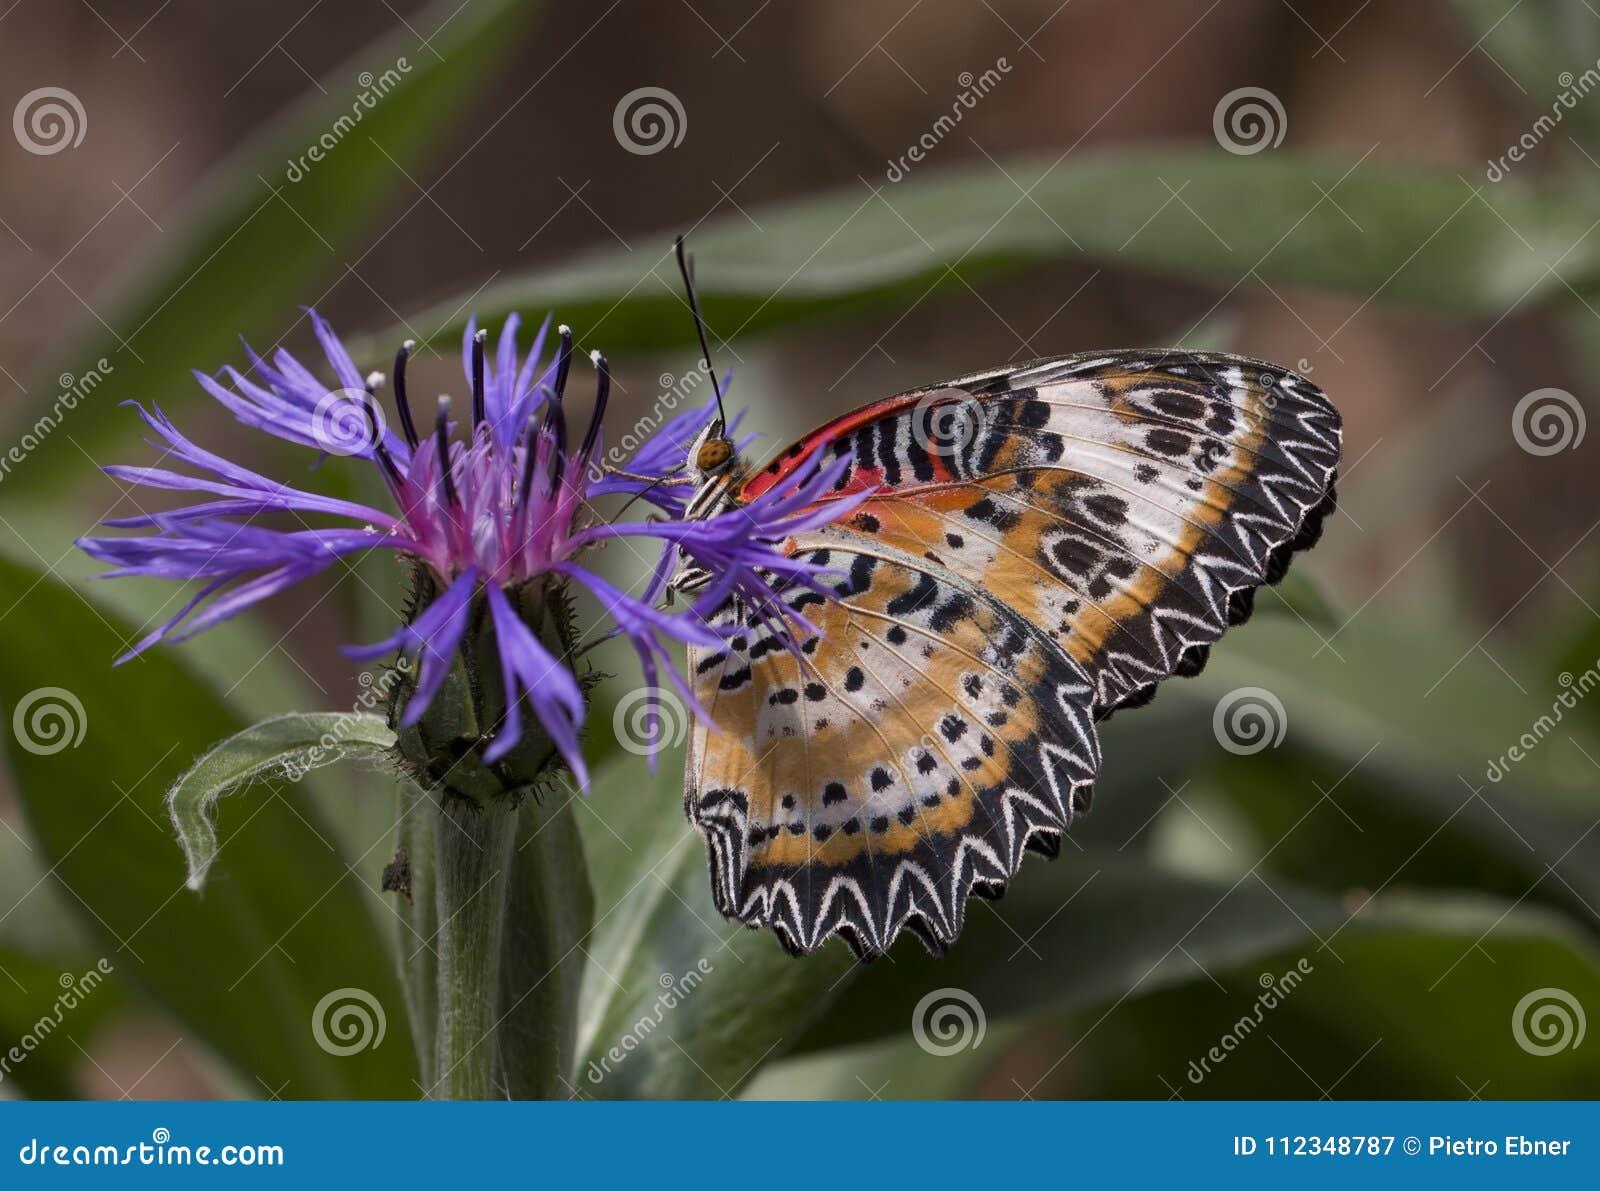 Leopard lacewing cethosia cyane butterfly